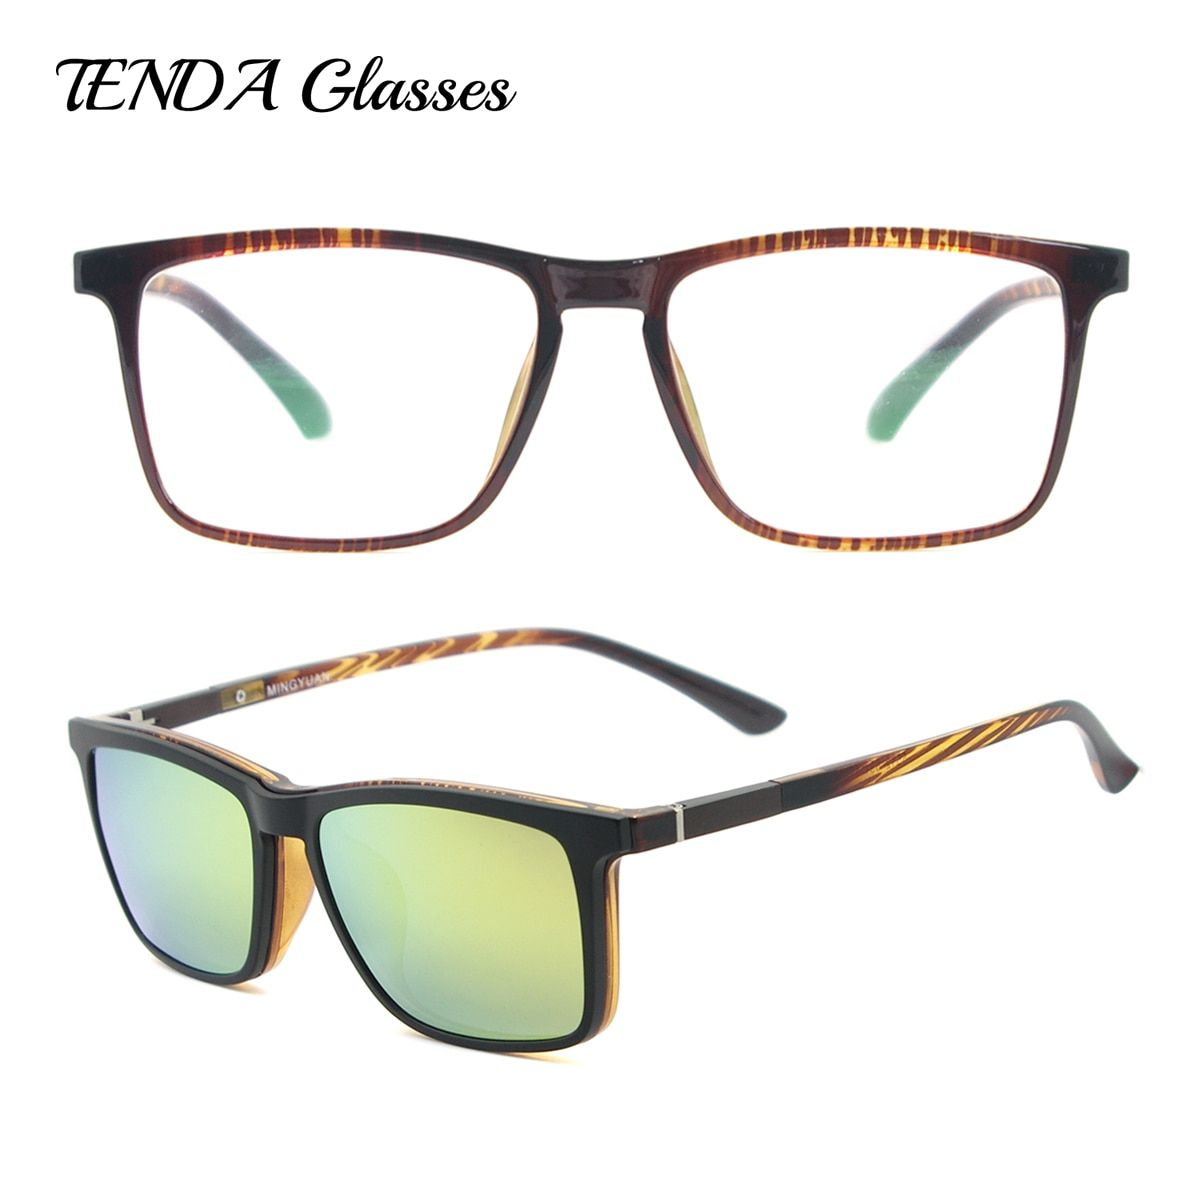 Hommes Grand Carré Lunettes De Mode Ultra Lumière Flexible Acétate TR90 Lunettes Cadres avec Clip Sur lunettes de Soleil Pour Lentilles Degré